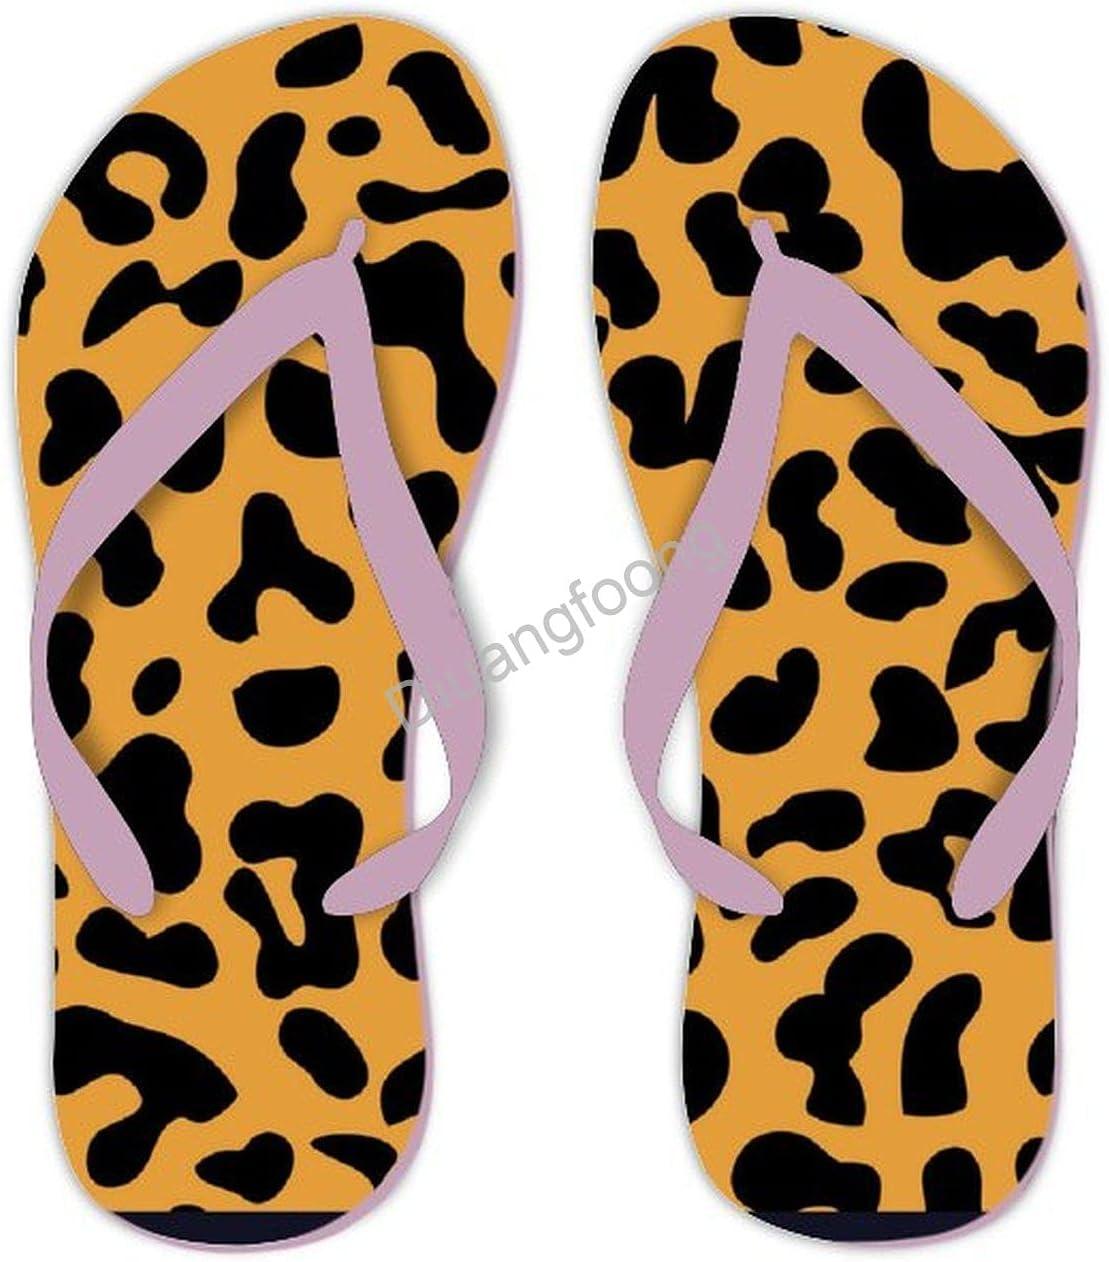 Leopard Flip Flops Comfort Summer Thong Sandal Eva Sandal For House Bathroom Party Pink Style7